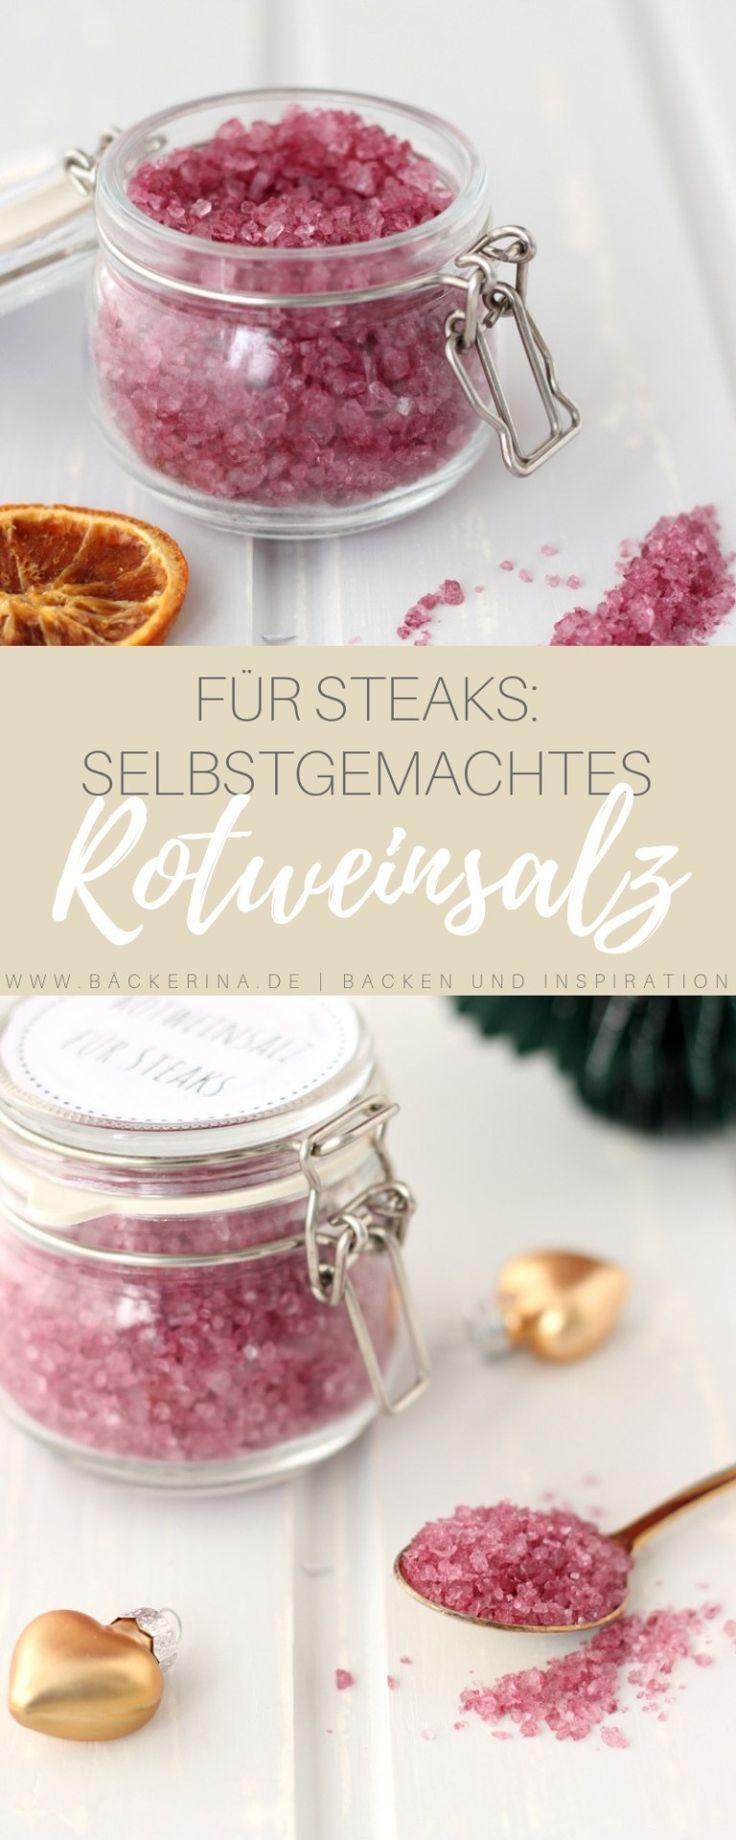 Selbstgemachtes Rotweinsalz für Steaks und Co #Küchenaufbewahrung